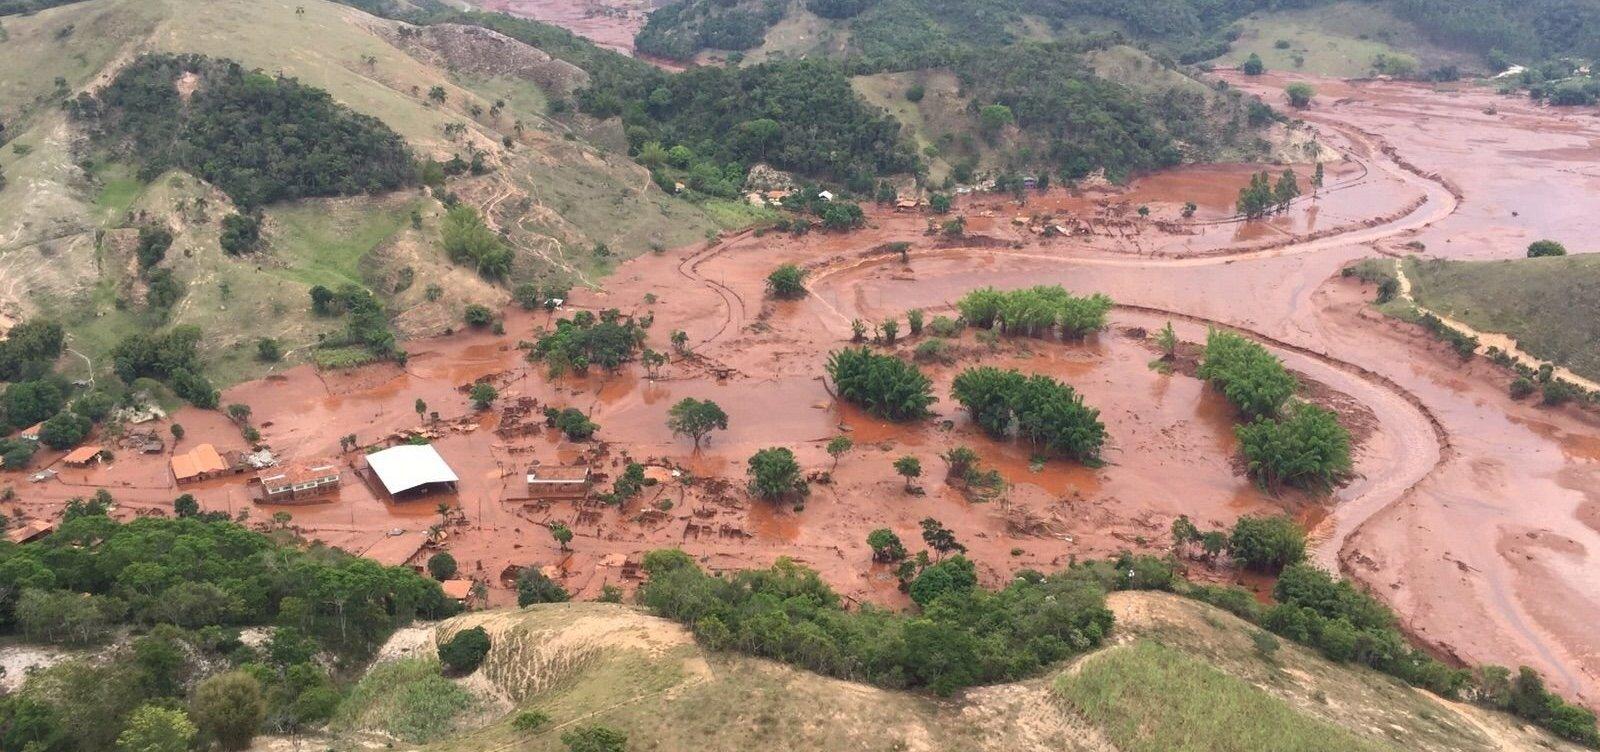 Acordo de indenização final para atingidos por desastre de Mariana é fechado, diz MP-MG